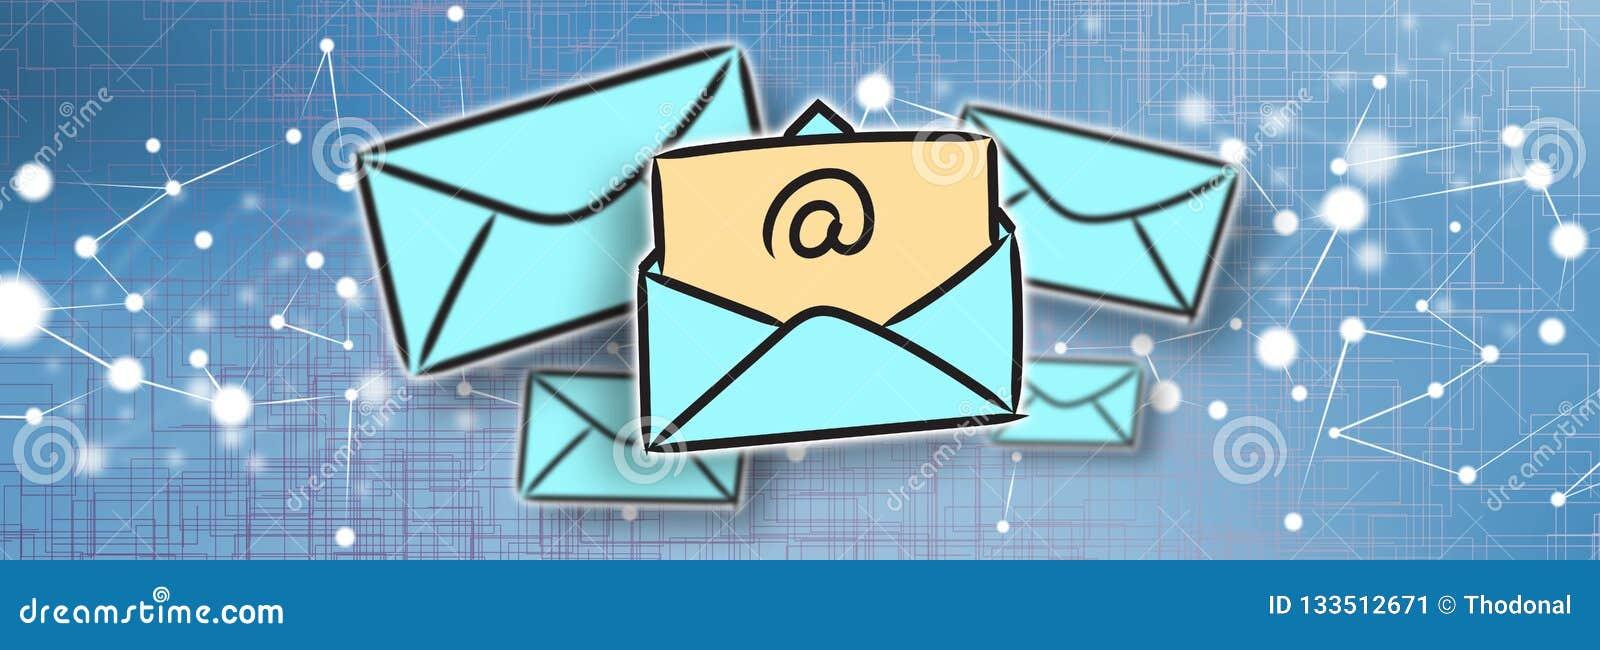 Concepto de email